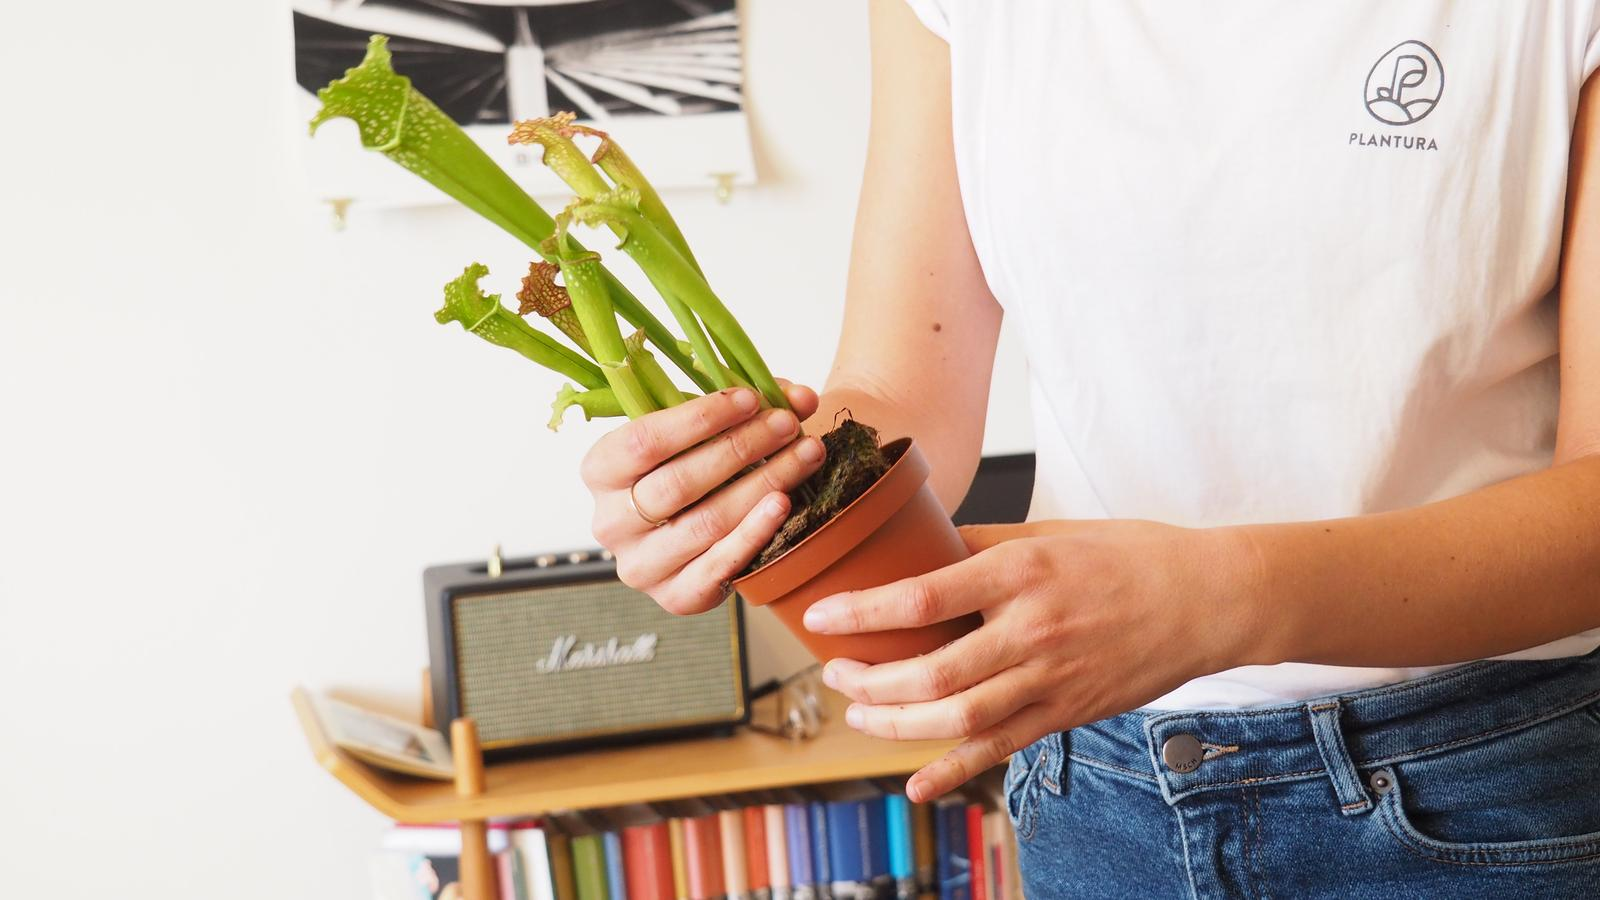 fleischfressende pflanzen umtopfen video anleitung pflege tipps plantura